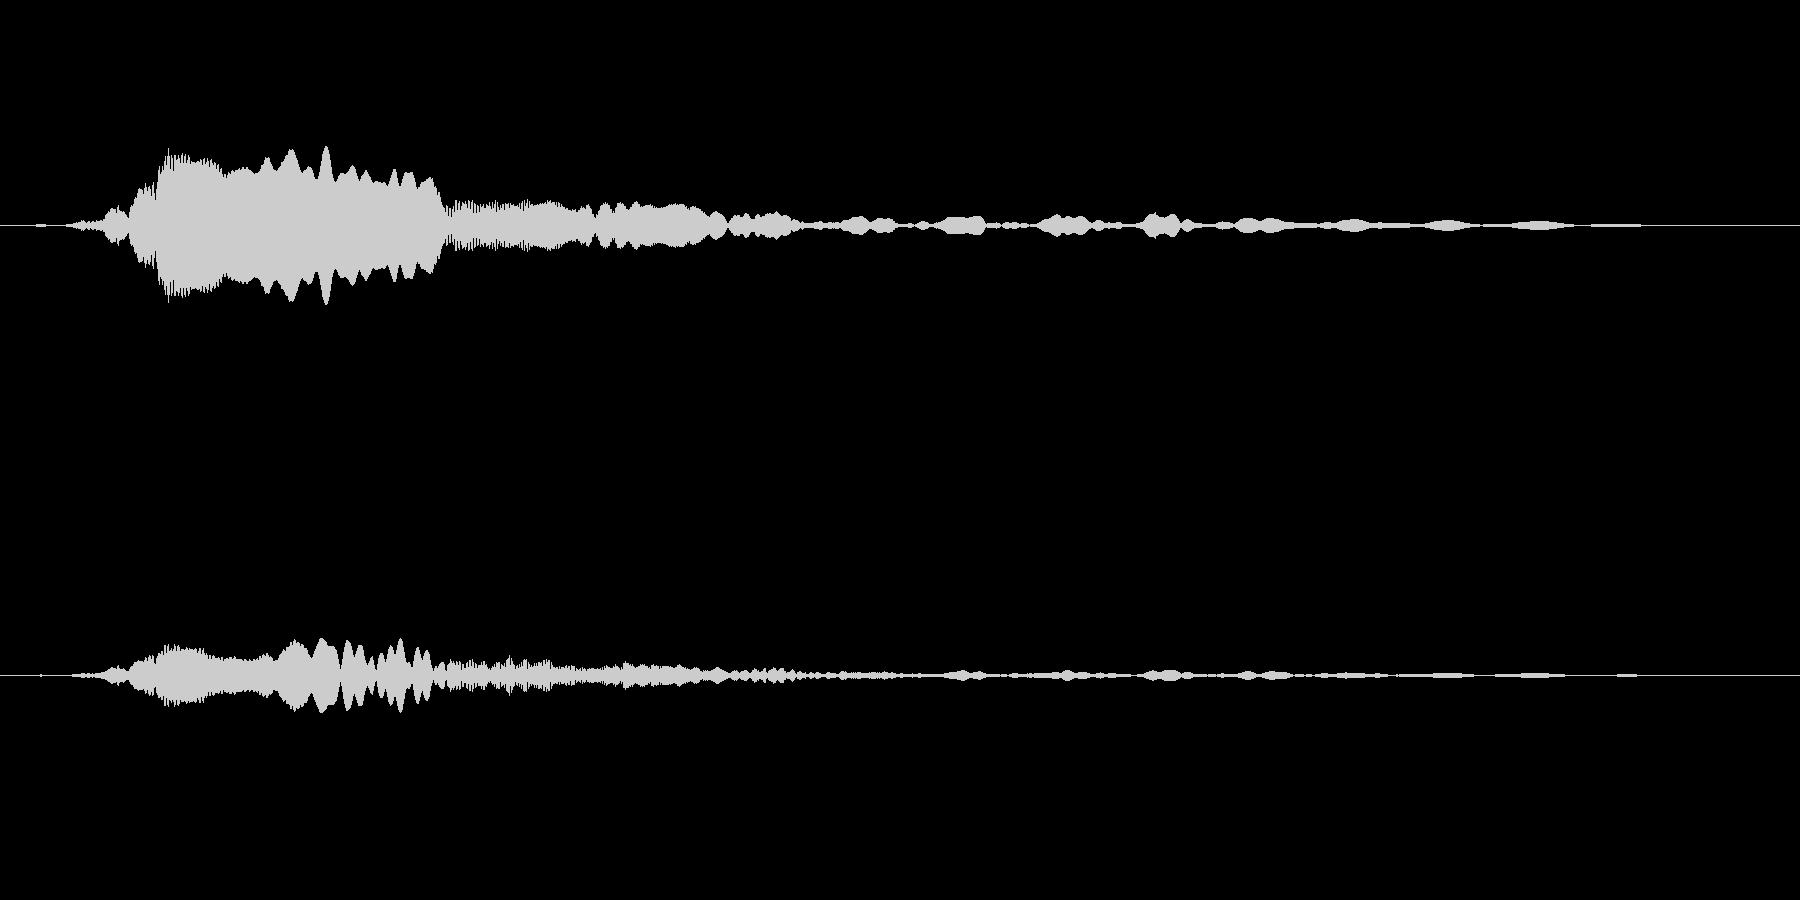 「ピーヒョロロ」鳶、とんびの鳴き声01 の未再生の波形